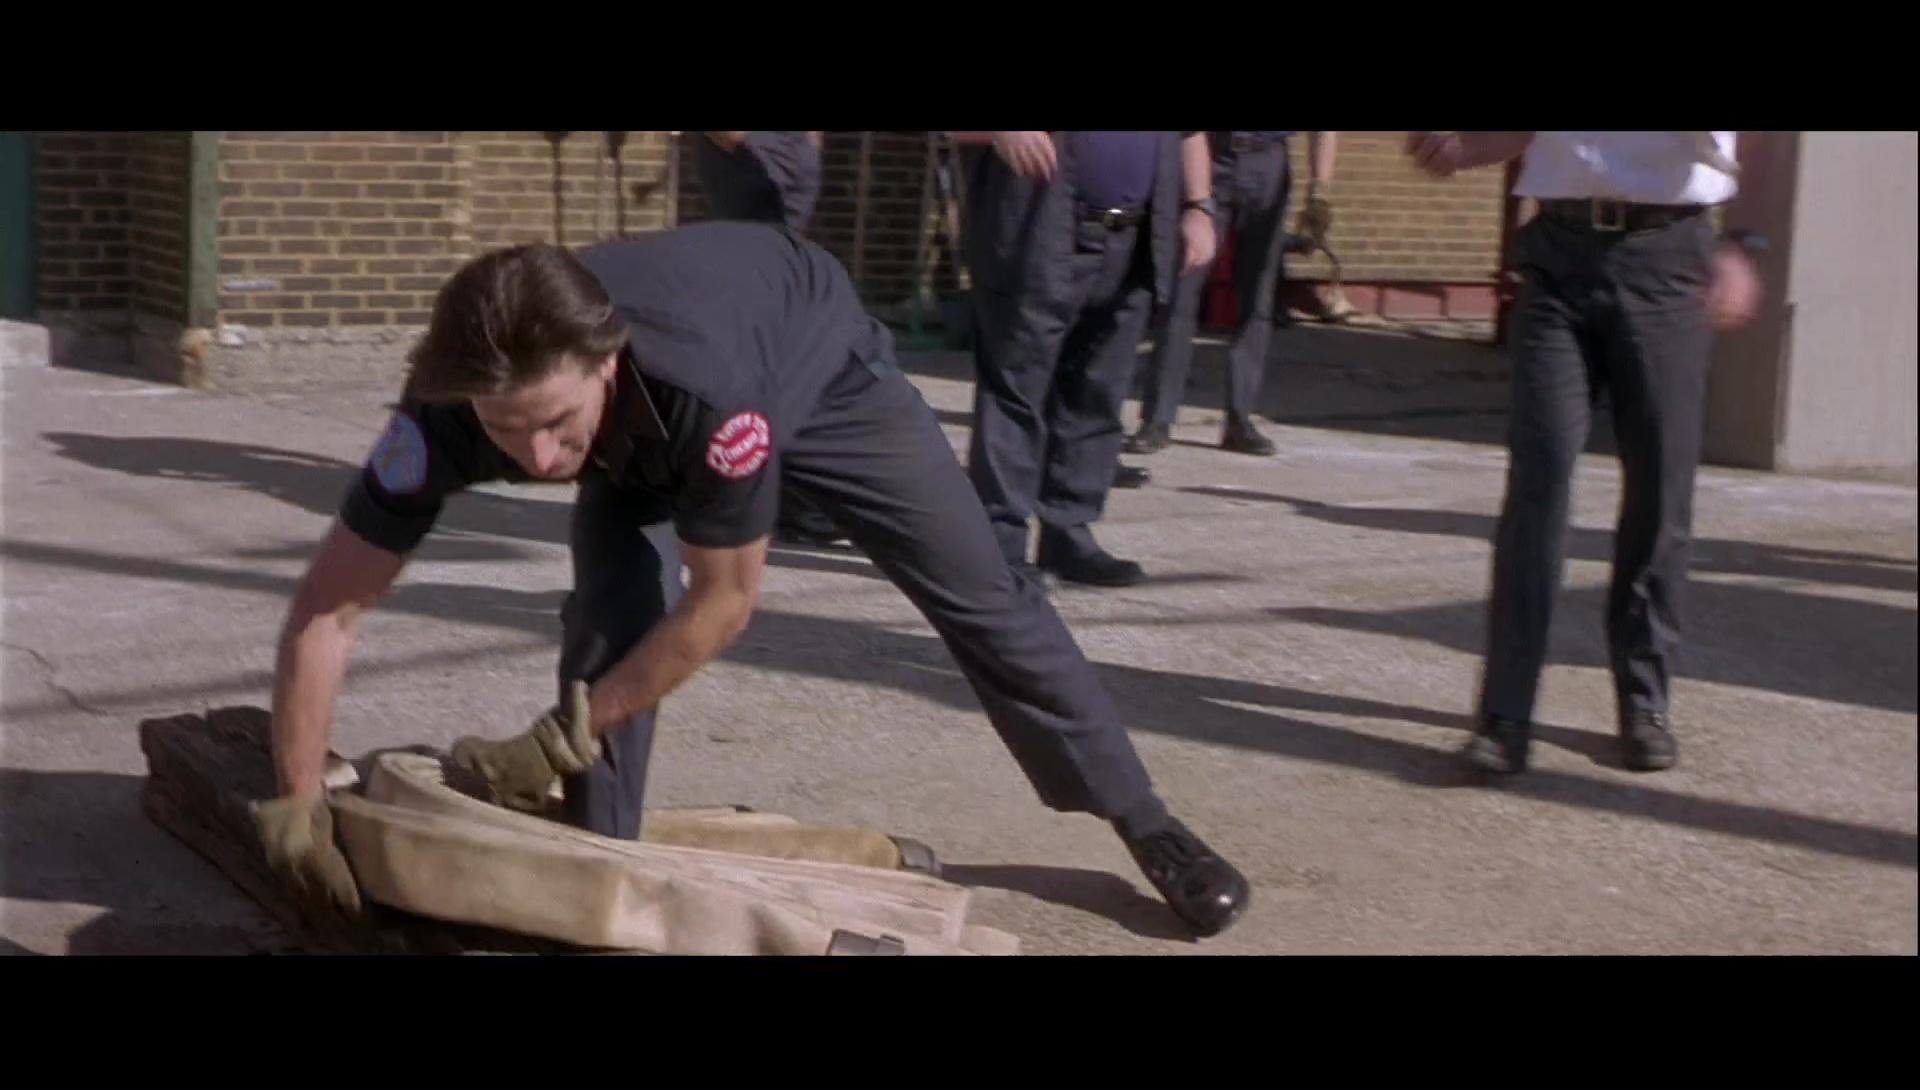 Marea De Fuego 1080p Lat-Cast-Ing 5.1 (1991)